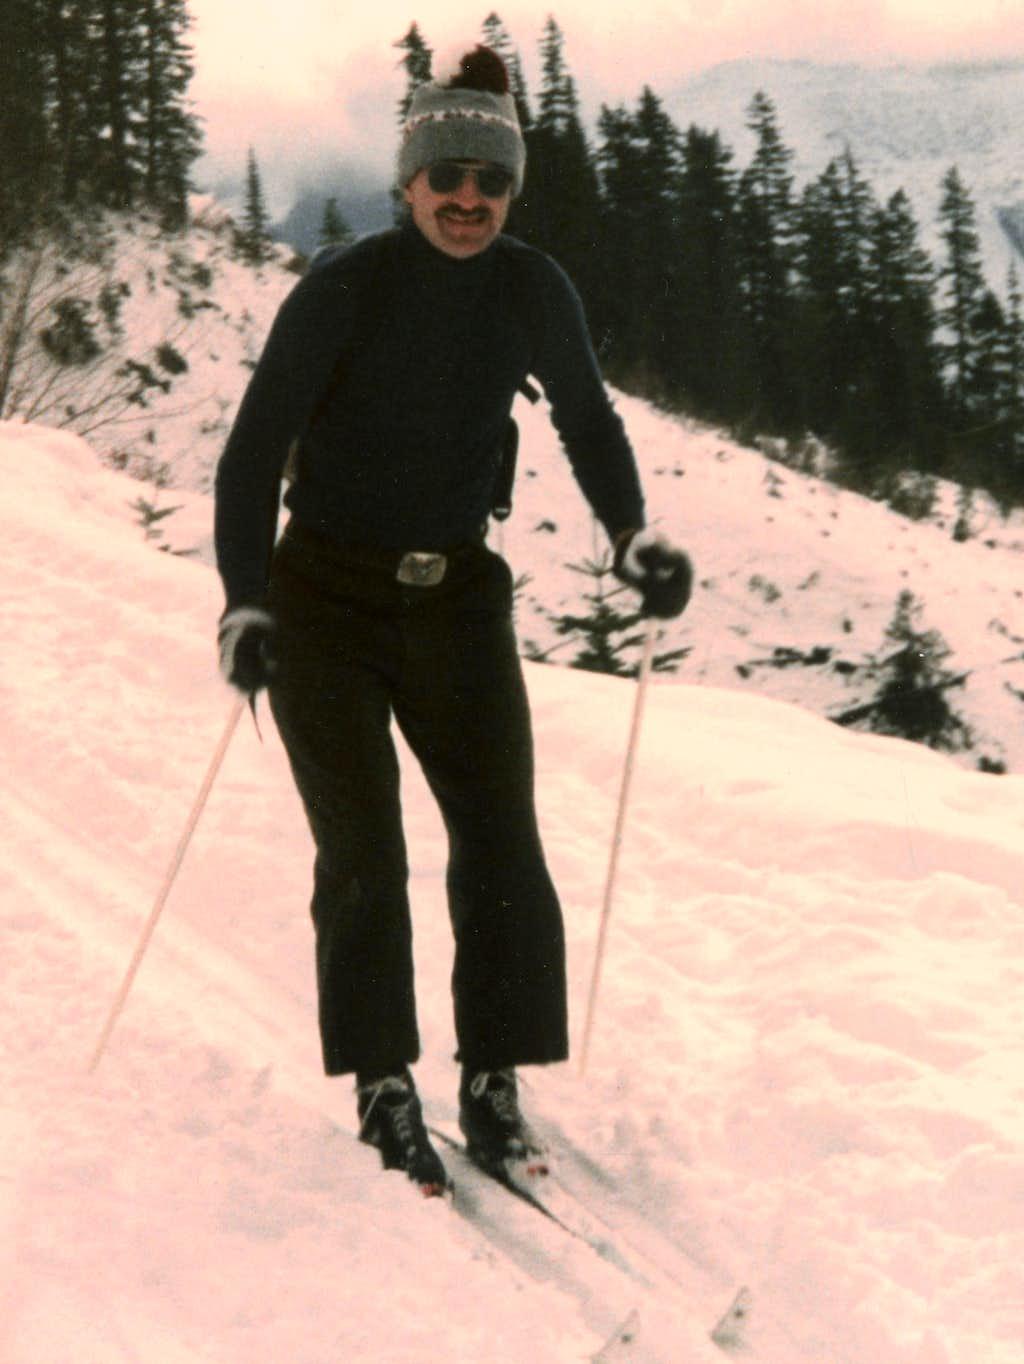 Cascade ski capers